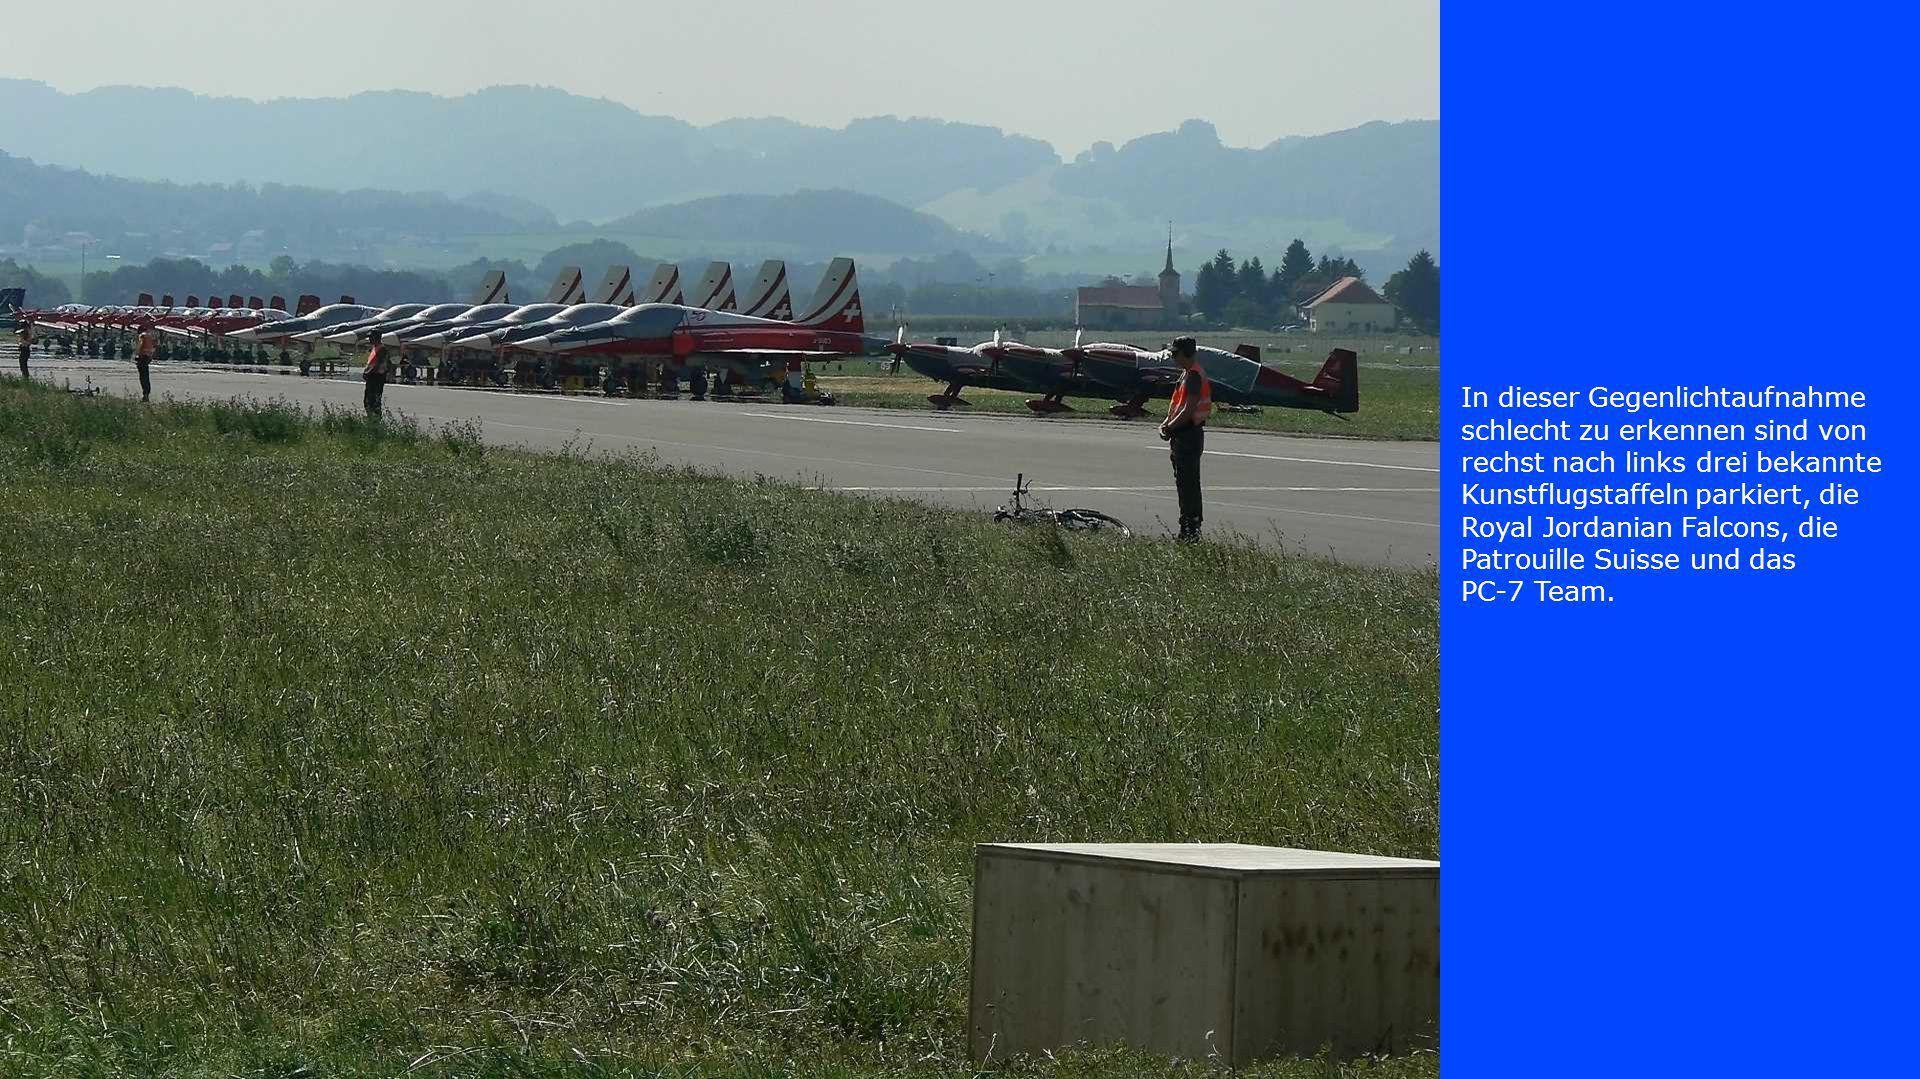 In dieser Gegenlichtaufnahme schlecht zu erkennen sind von rechst nach links drei bekannte Kunstflugstaffeln parkiert, die Royal Jordanian Falcons, die Patrouille Suisse und das PC-7 Team.